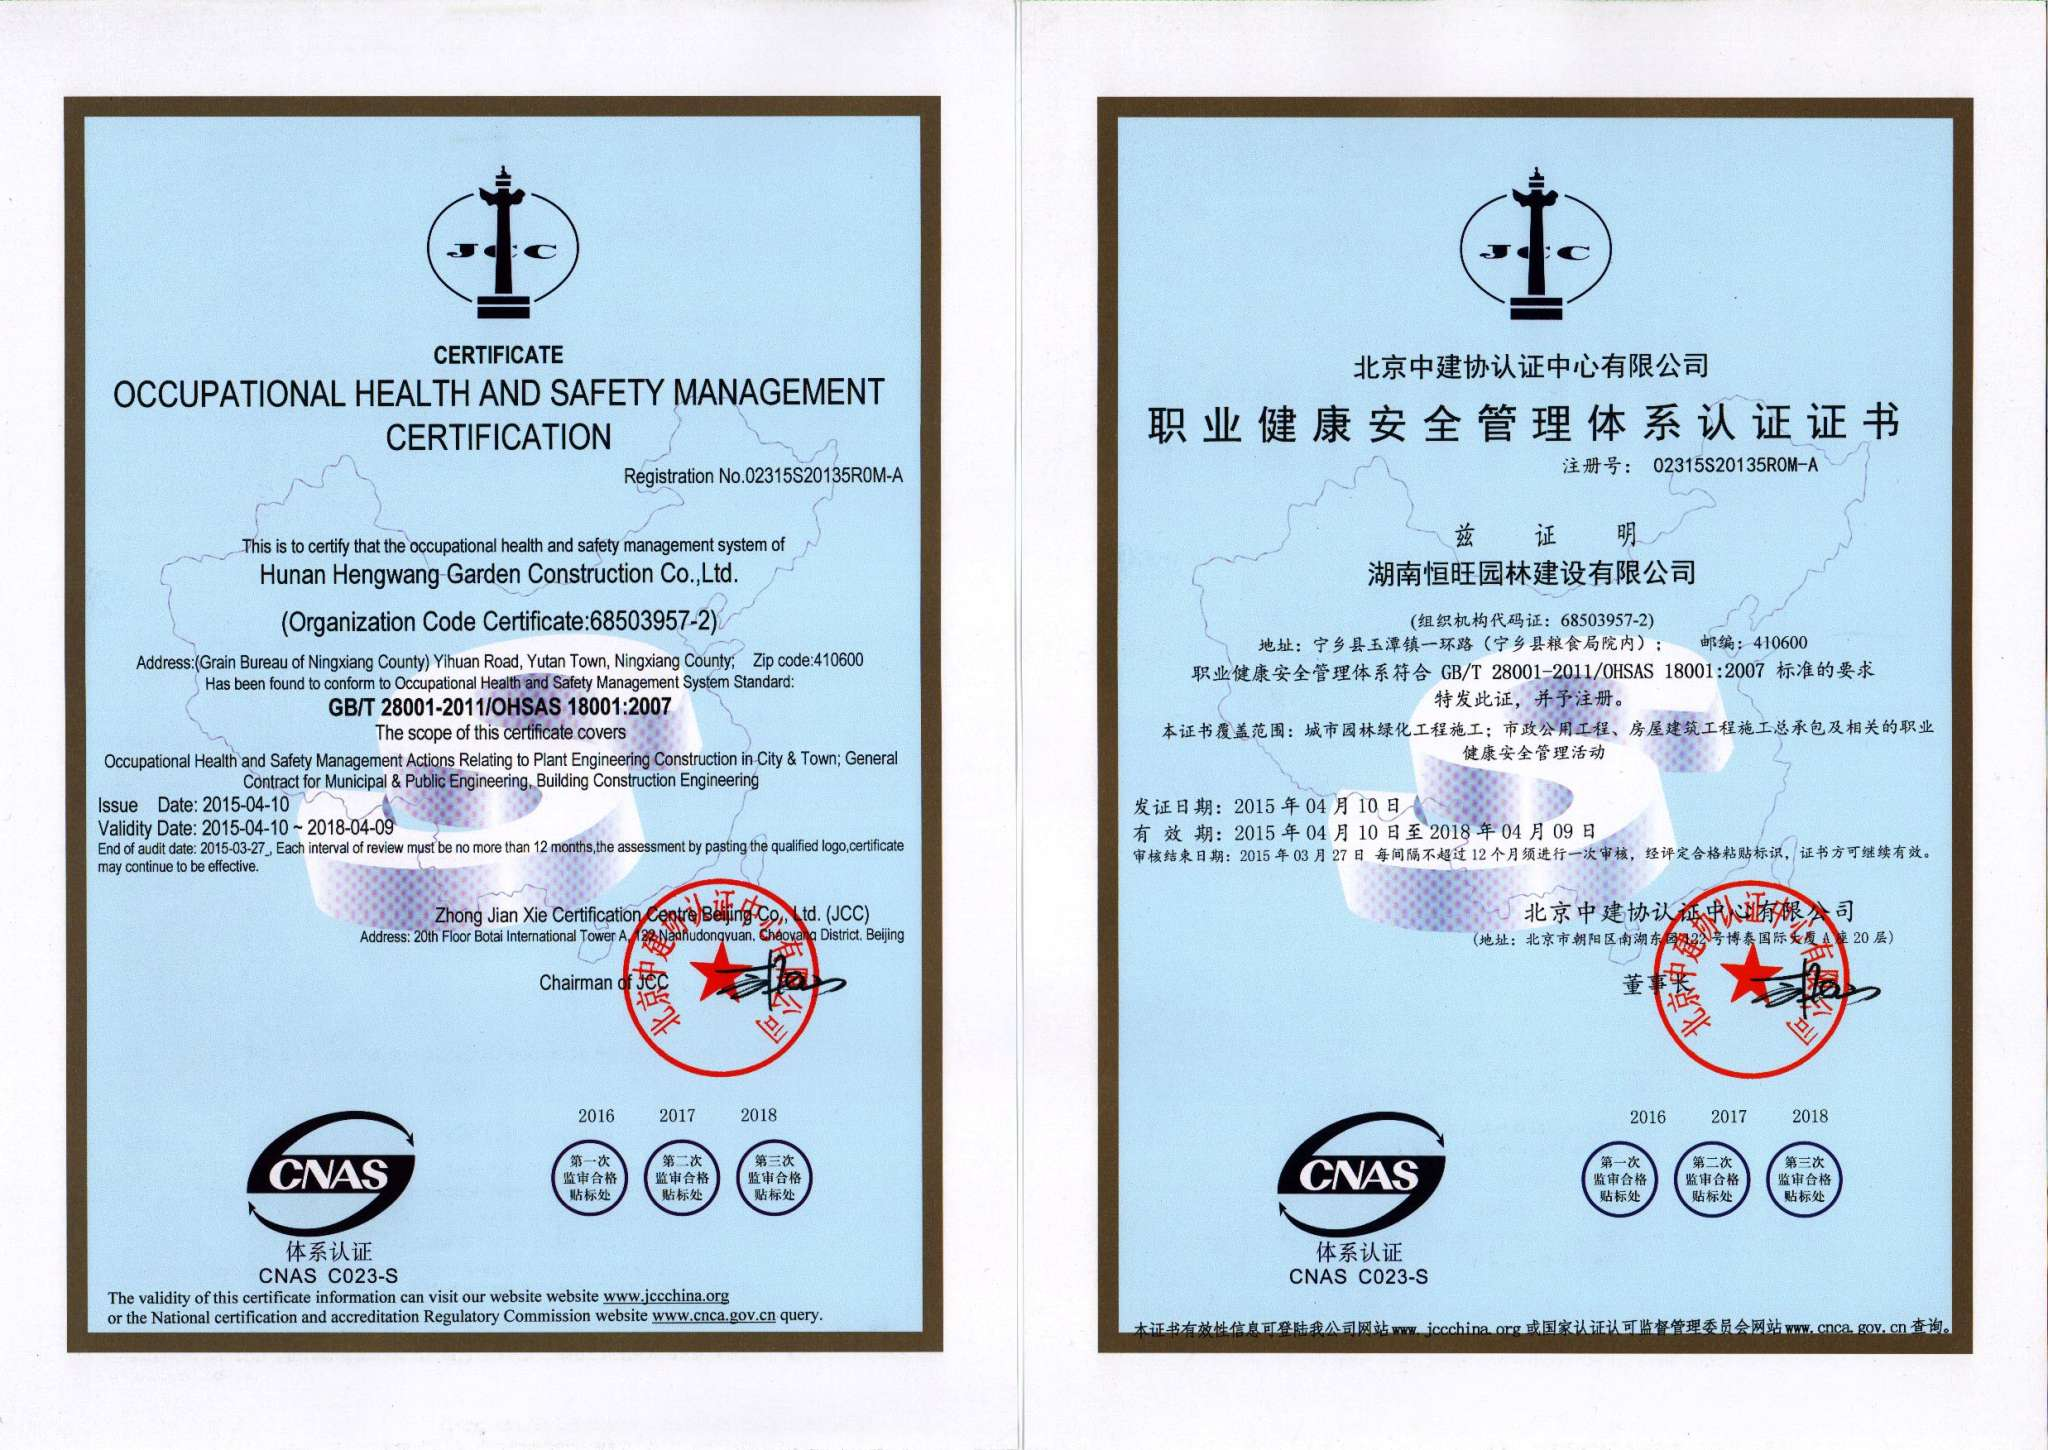 管理体系认证查询_职业健康安全管理体系认证-